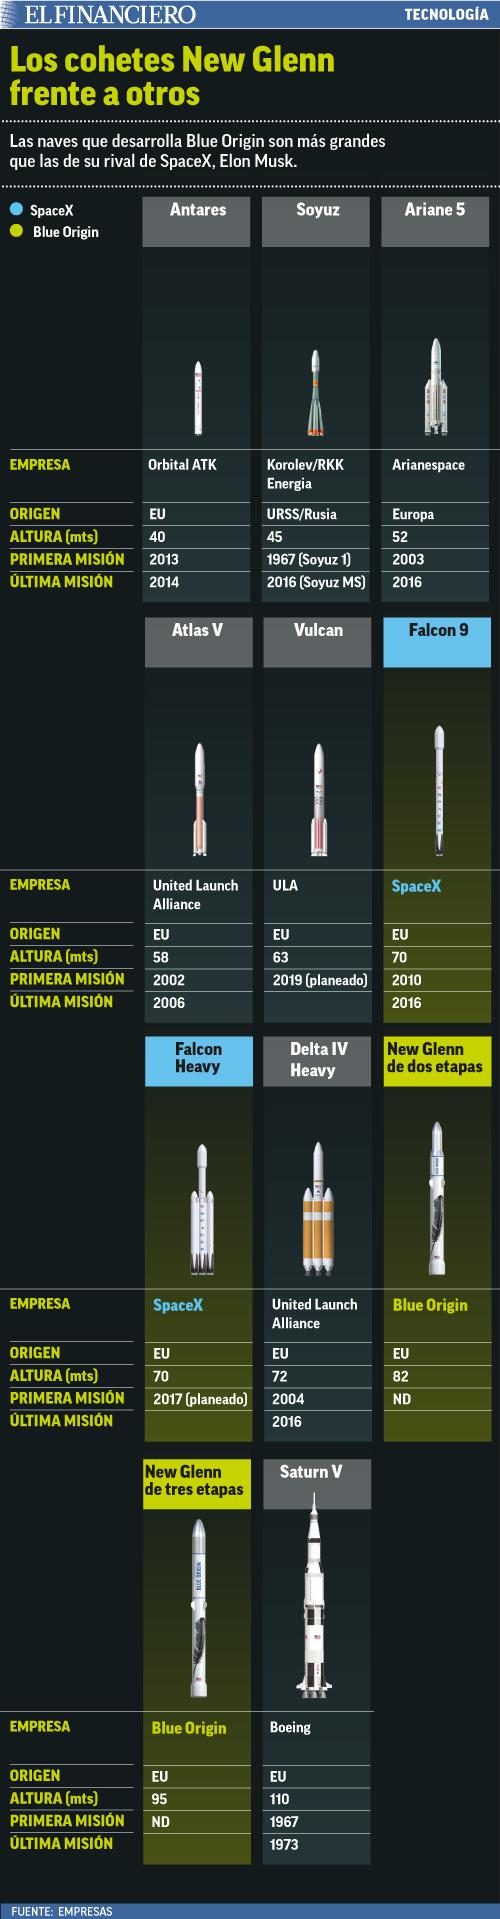 cohetes_webOK.